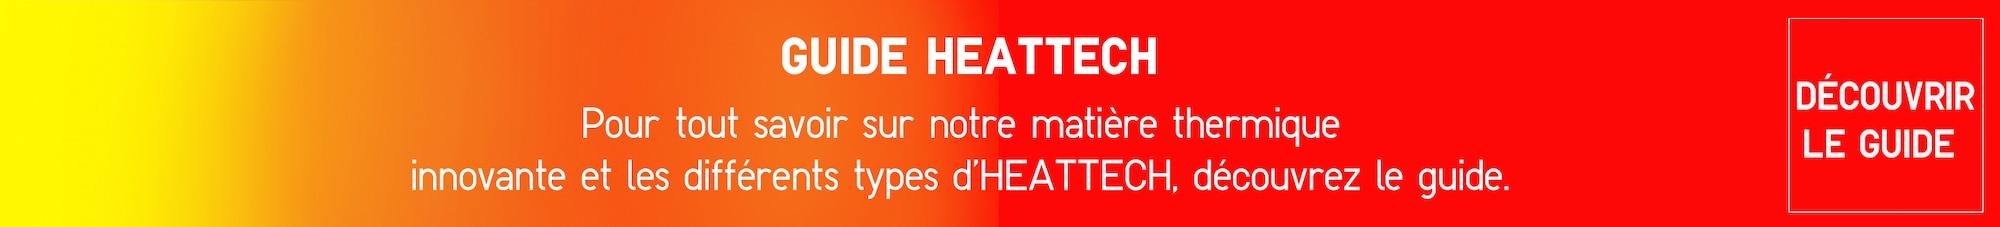 Heattech banner